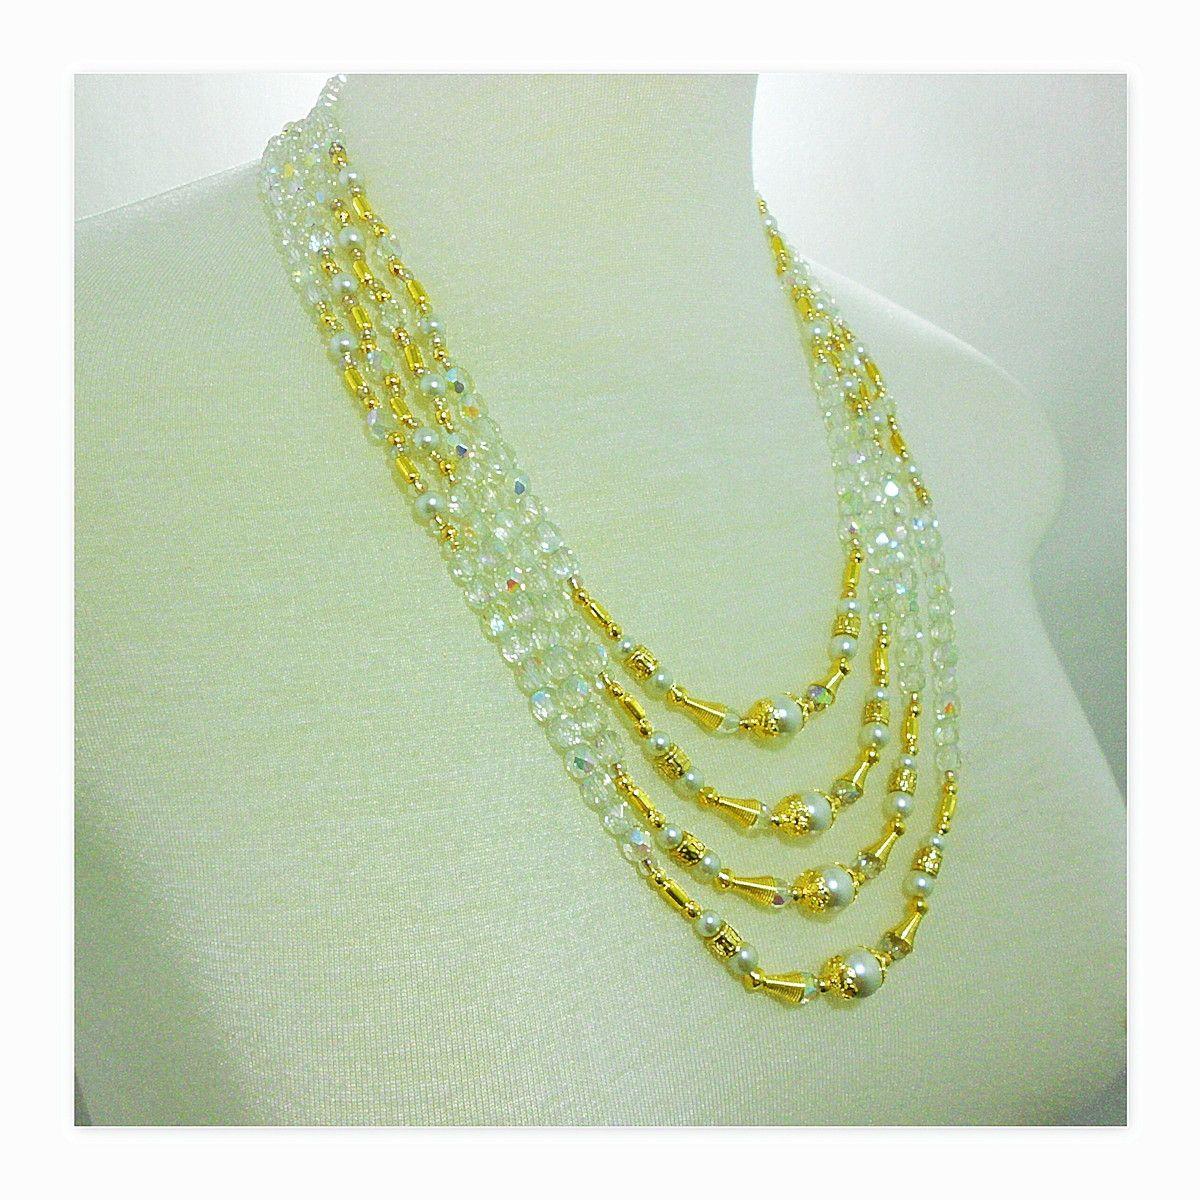 Colar confeccionado com cristais swaroviski no tom branco, na lapidação briolet (5mm-168 peças). Pérolas shell no tom de branco neve (10mm-4 peças, 4mm-40 peças, 3mm-8 peças). Entremeios cone folheado a ouro (8 peças/10mm - 5 banhos), tulipas rendadas folheadas a ouro (8 peças/8mm - 5 banhos), en...